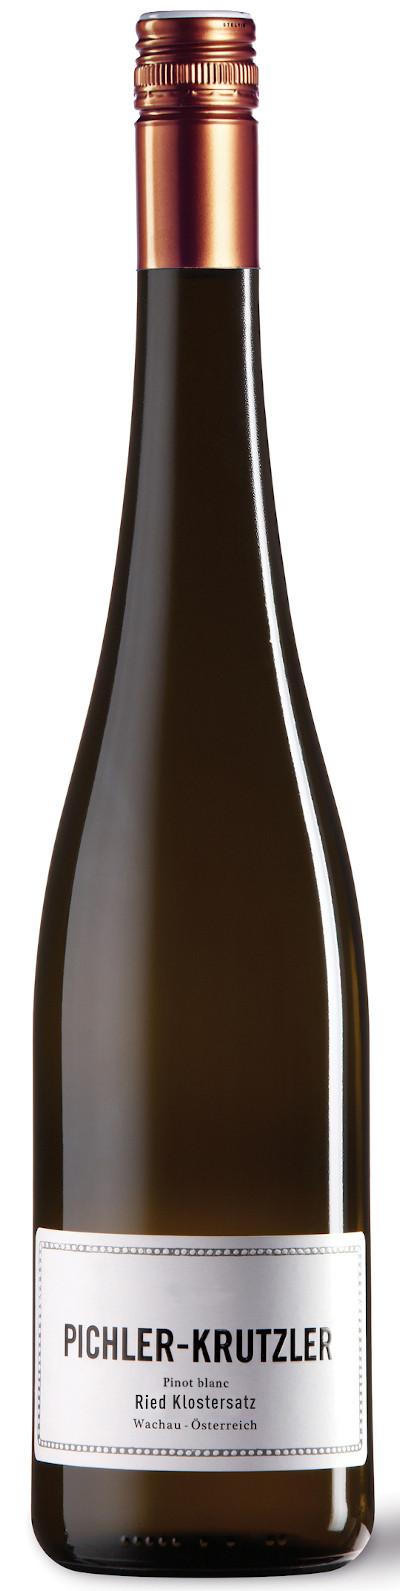 Pichler-Krutzler - Pinot Blanc Klostersatz